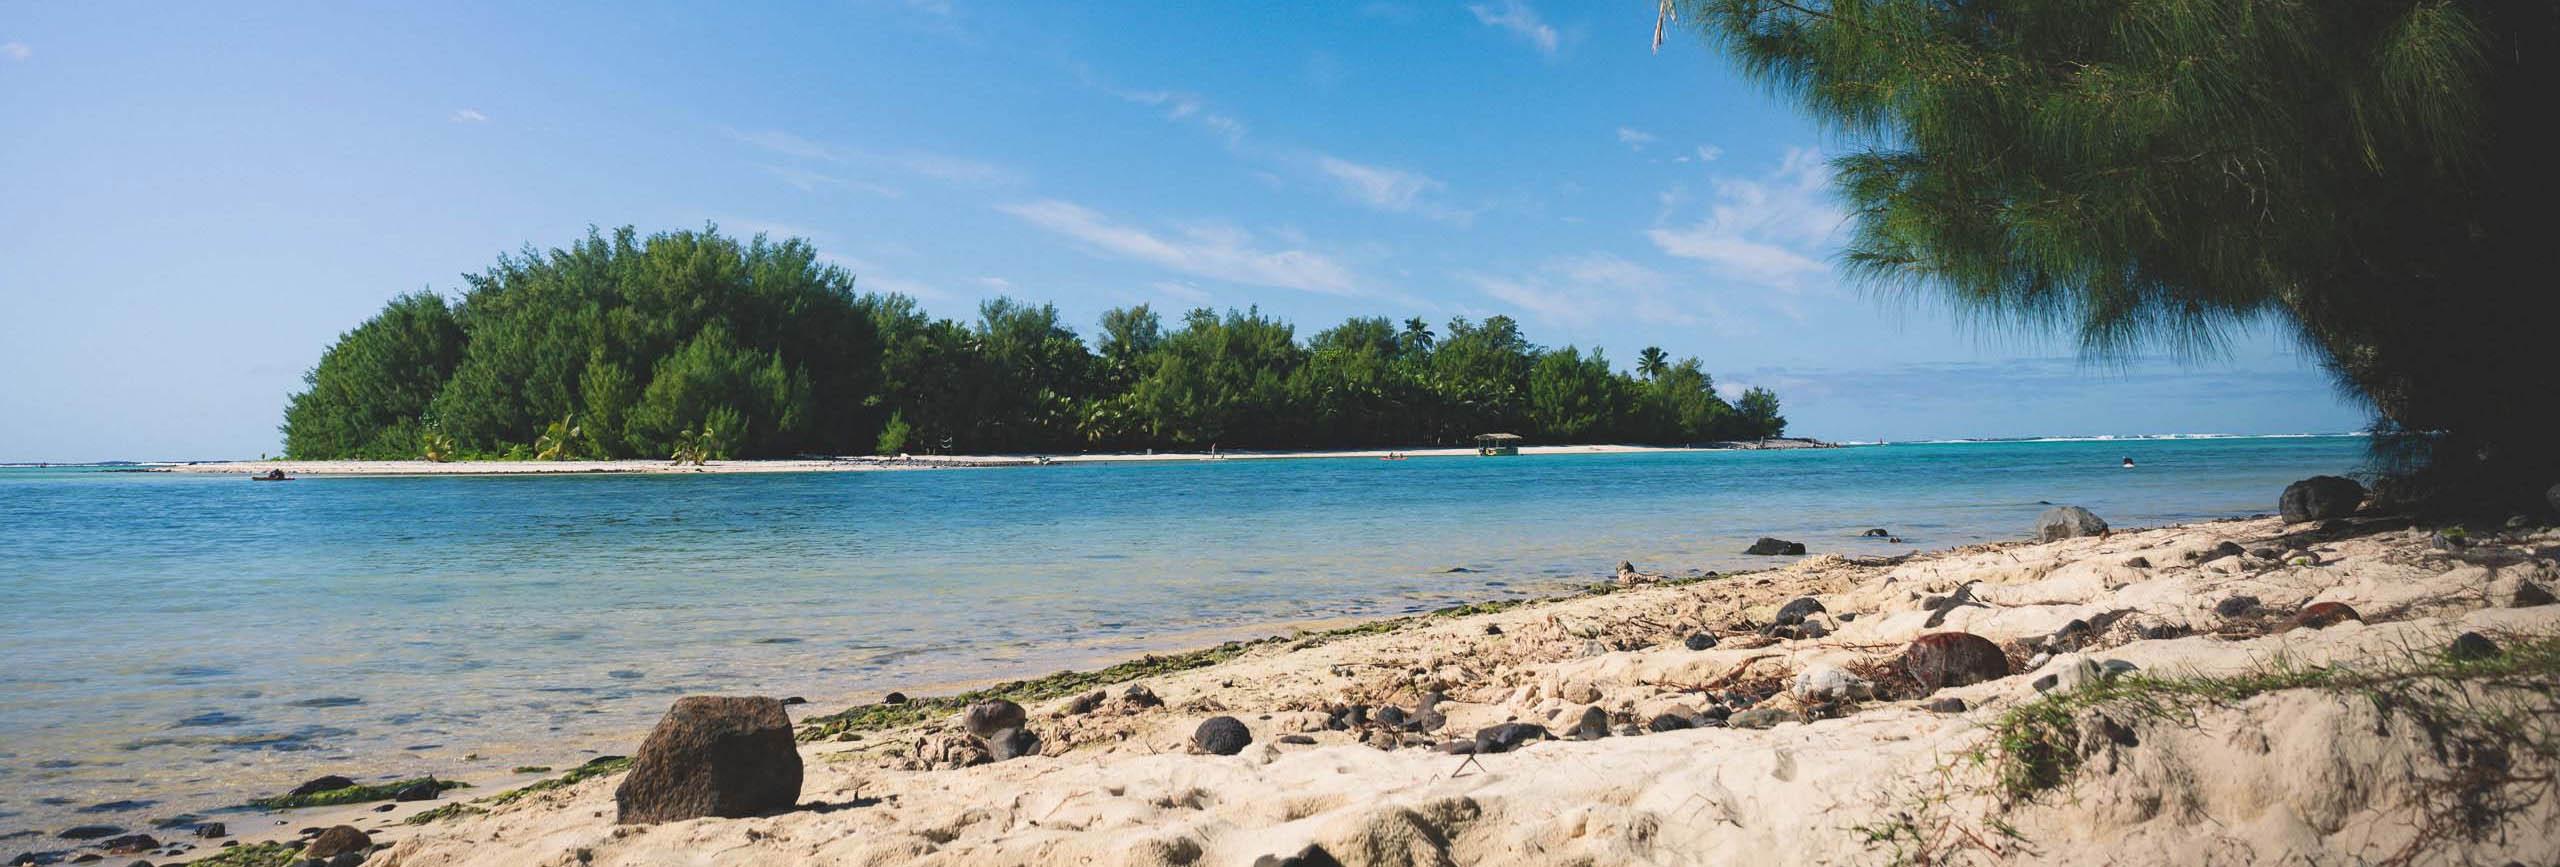 Cook_Islands_Header